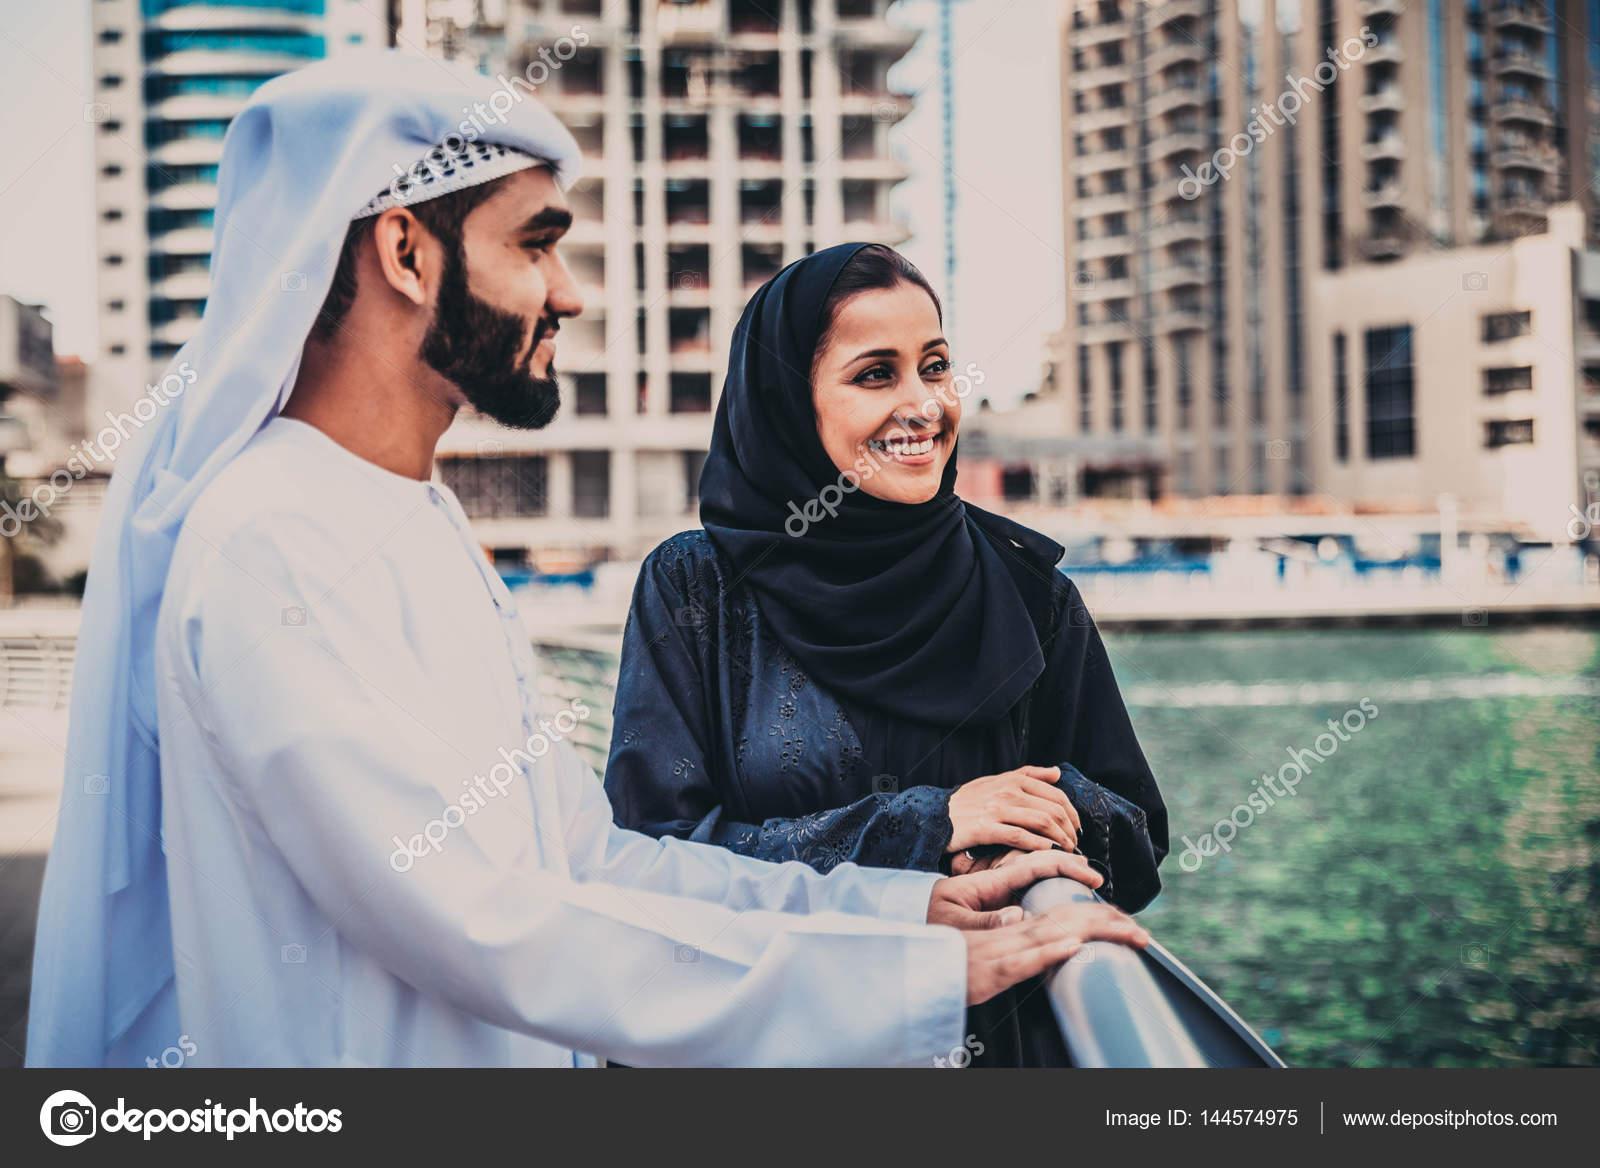 arab seznamka Dubaj randění pro vdané osoby